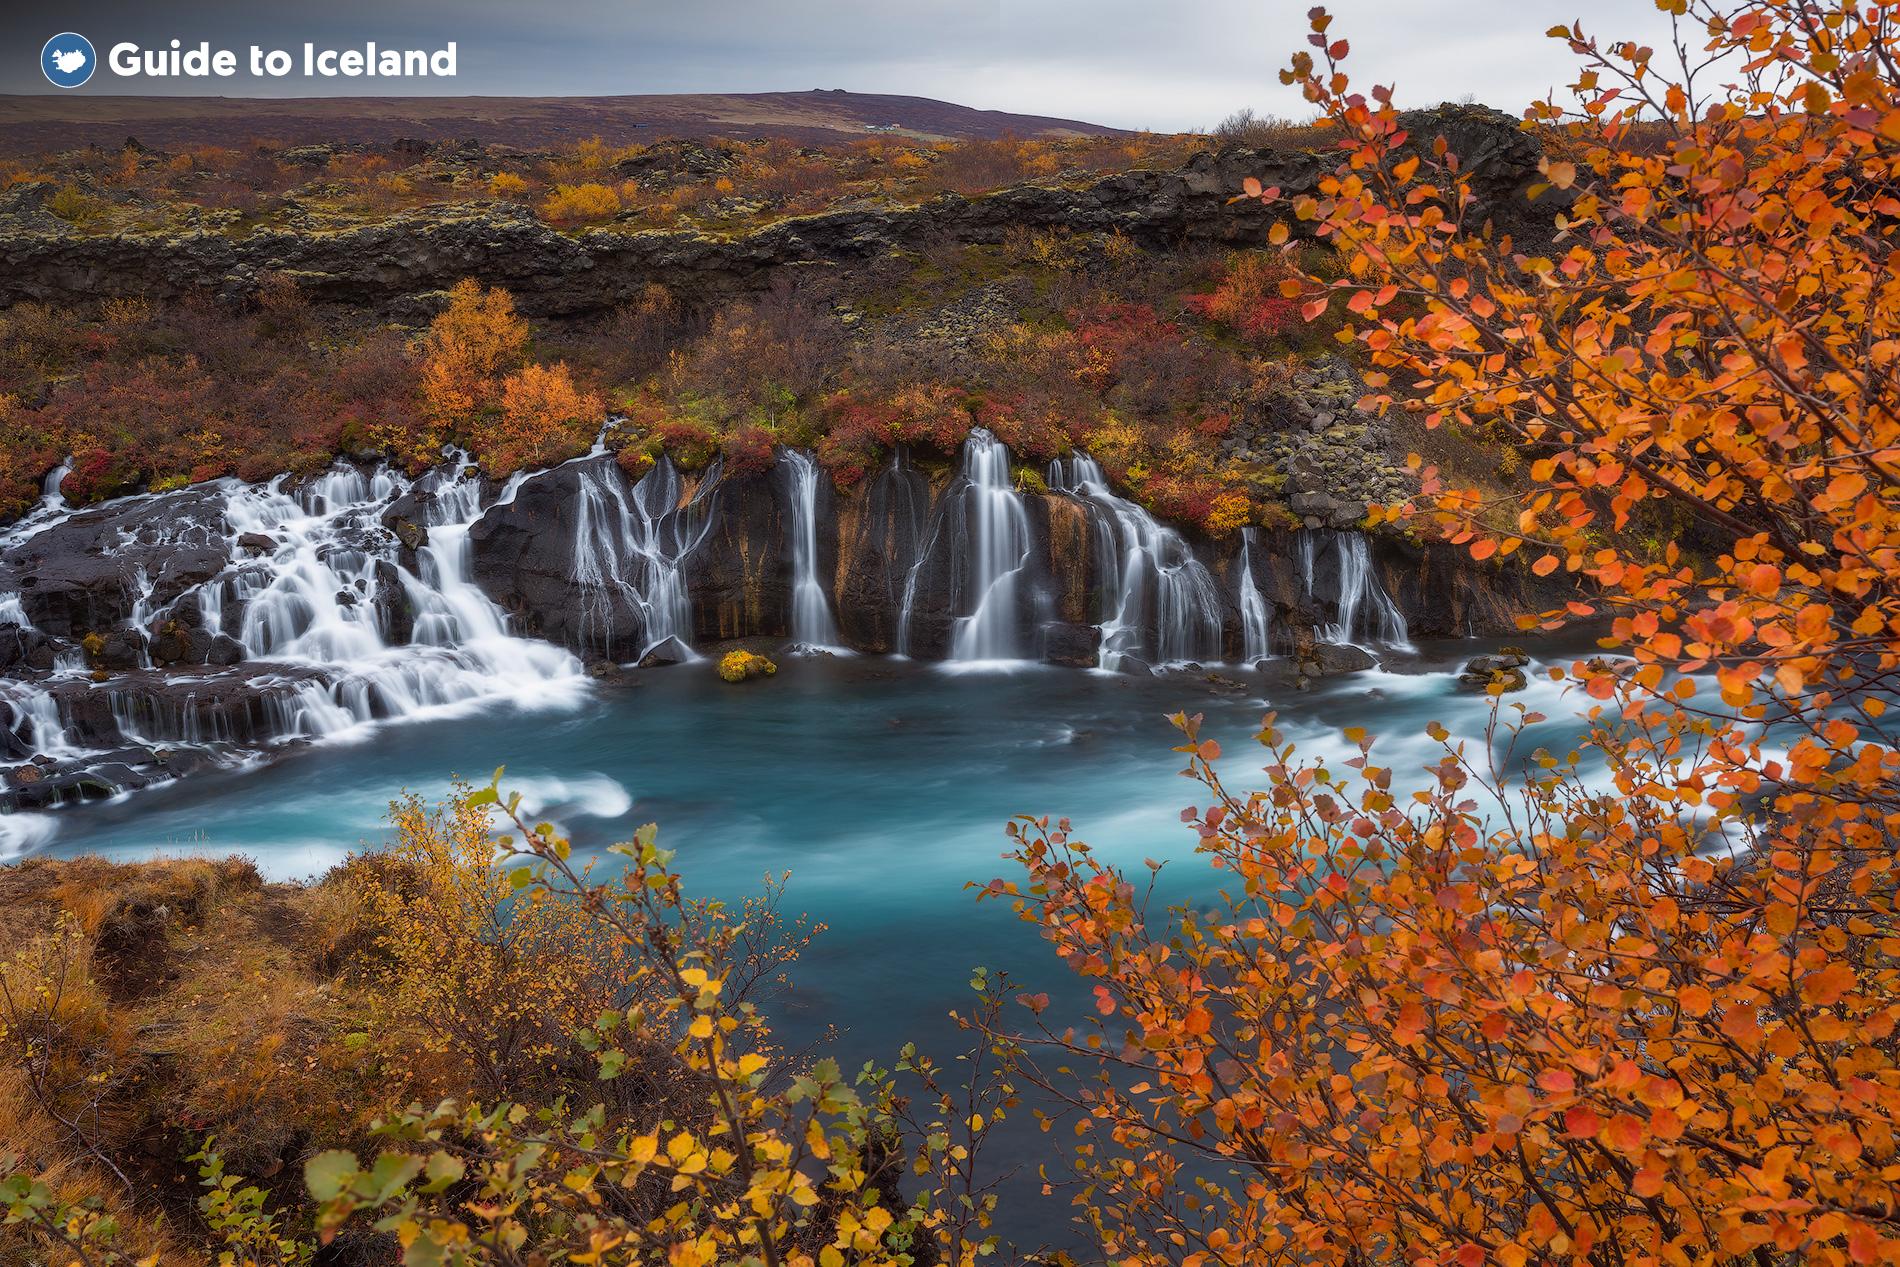 Die Wasserfälle Hraunfossar in Westisland kommen unter der Lava hervor.